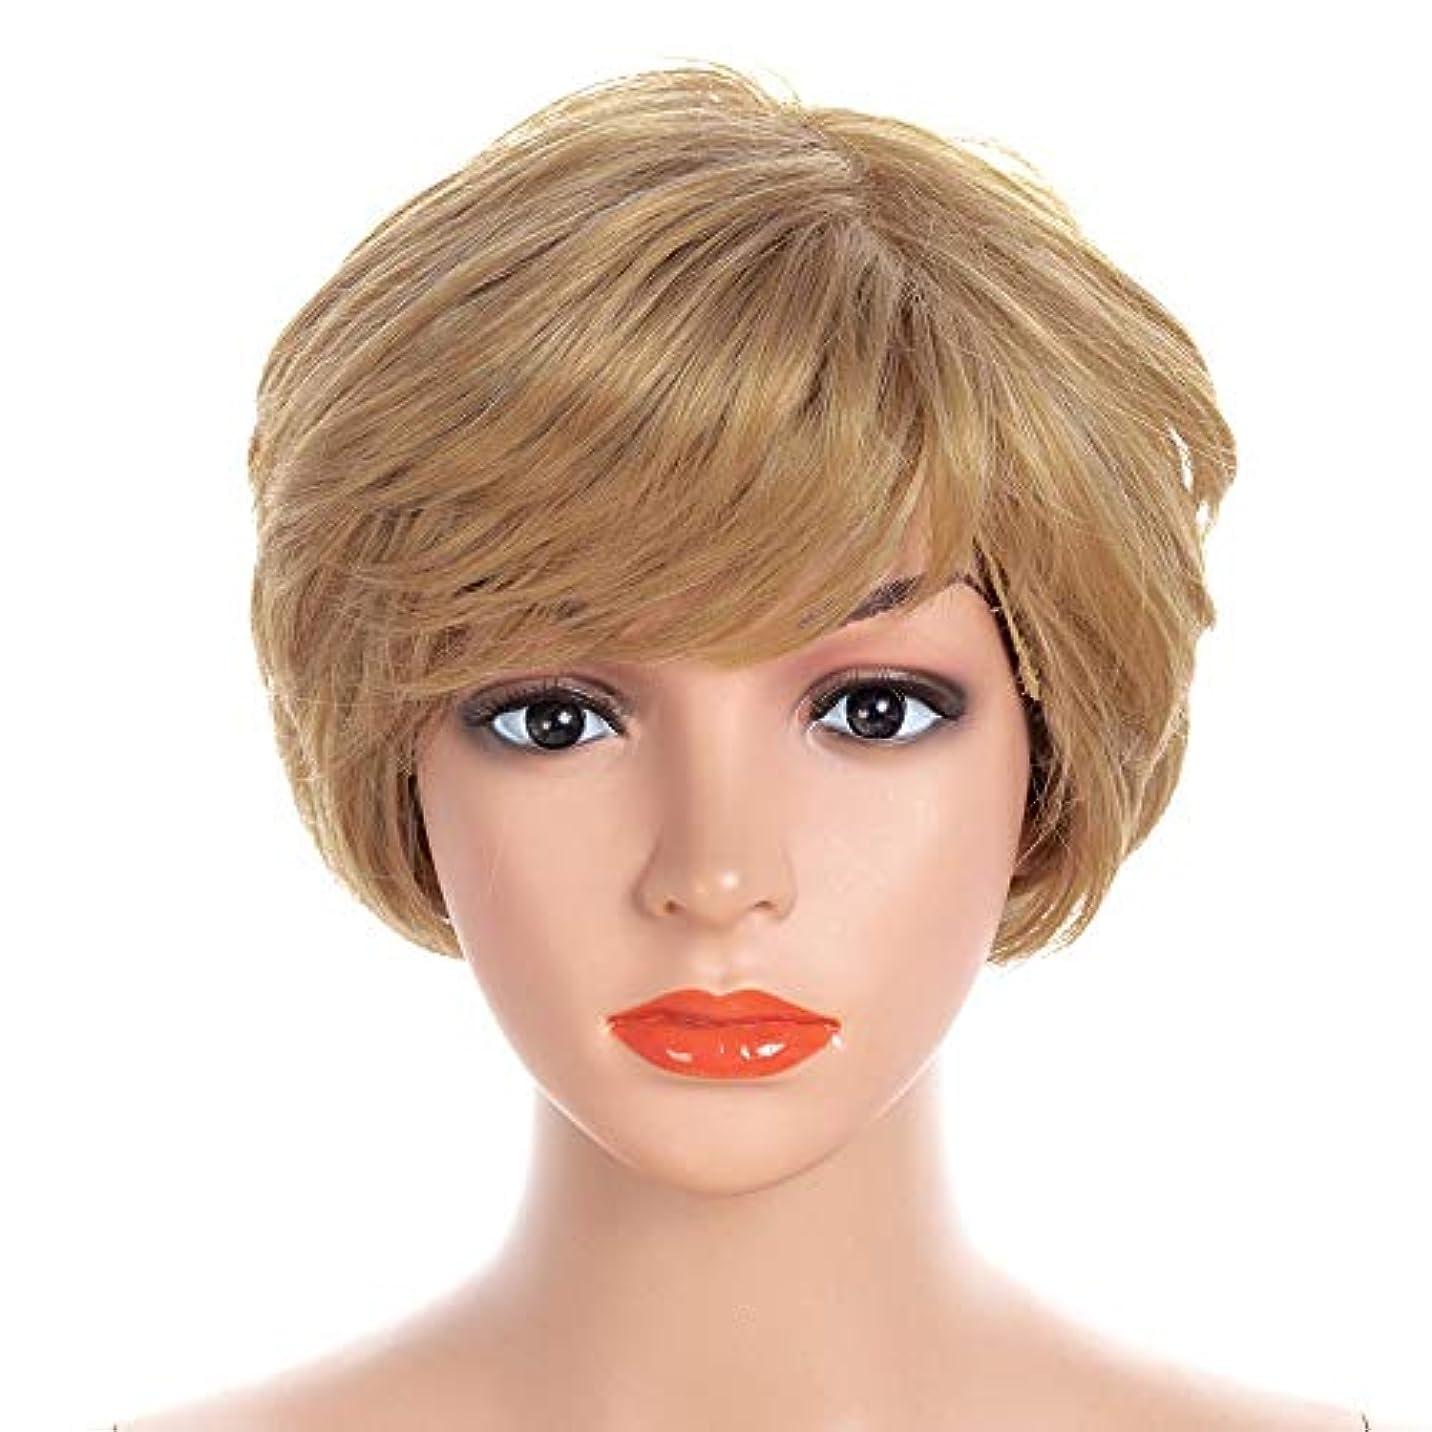 処理するはず韓国YOUQIU 無料ヘアーネットコスプレパーティードレスウィッグでは人工毛ボブショートカーリーブロンド髪 (色 : Blonde, サイズ : 30cm)